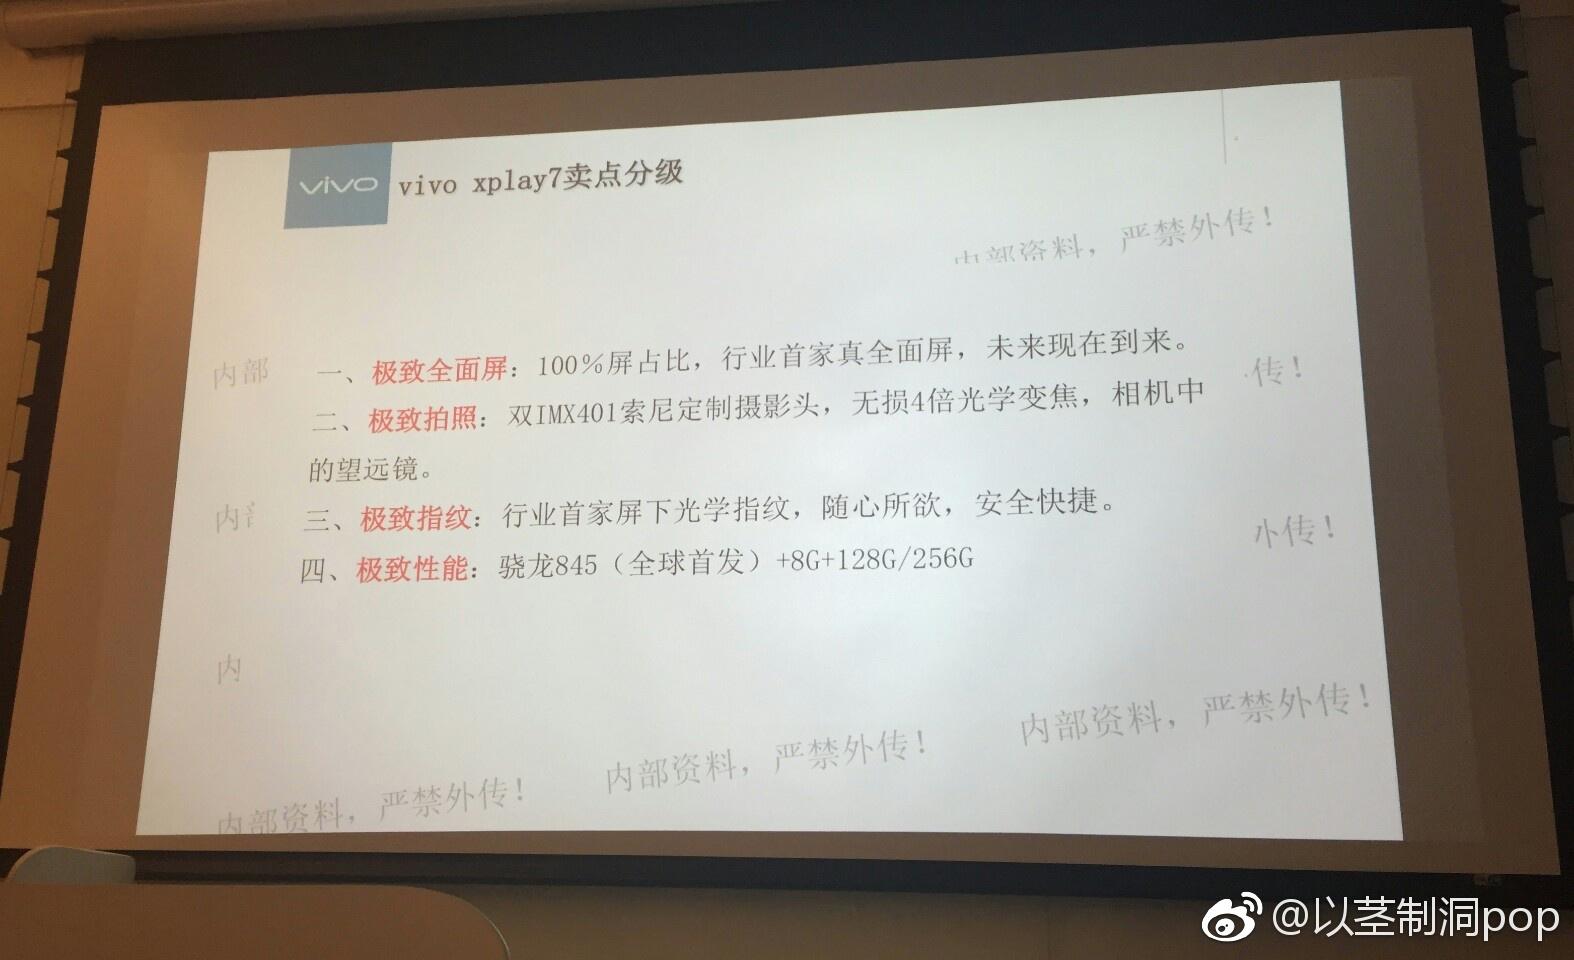 骁龙845 100%屏幕比例 屏下指纹,vivo Xplay7主要参数全世界首曝